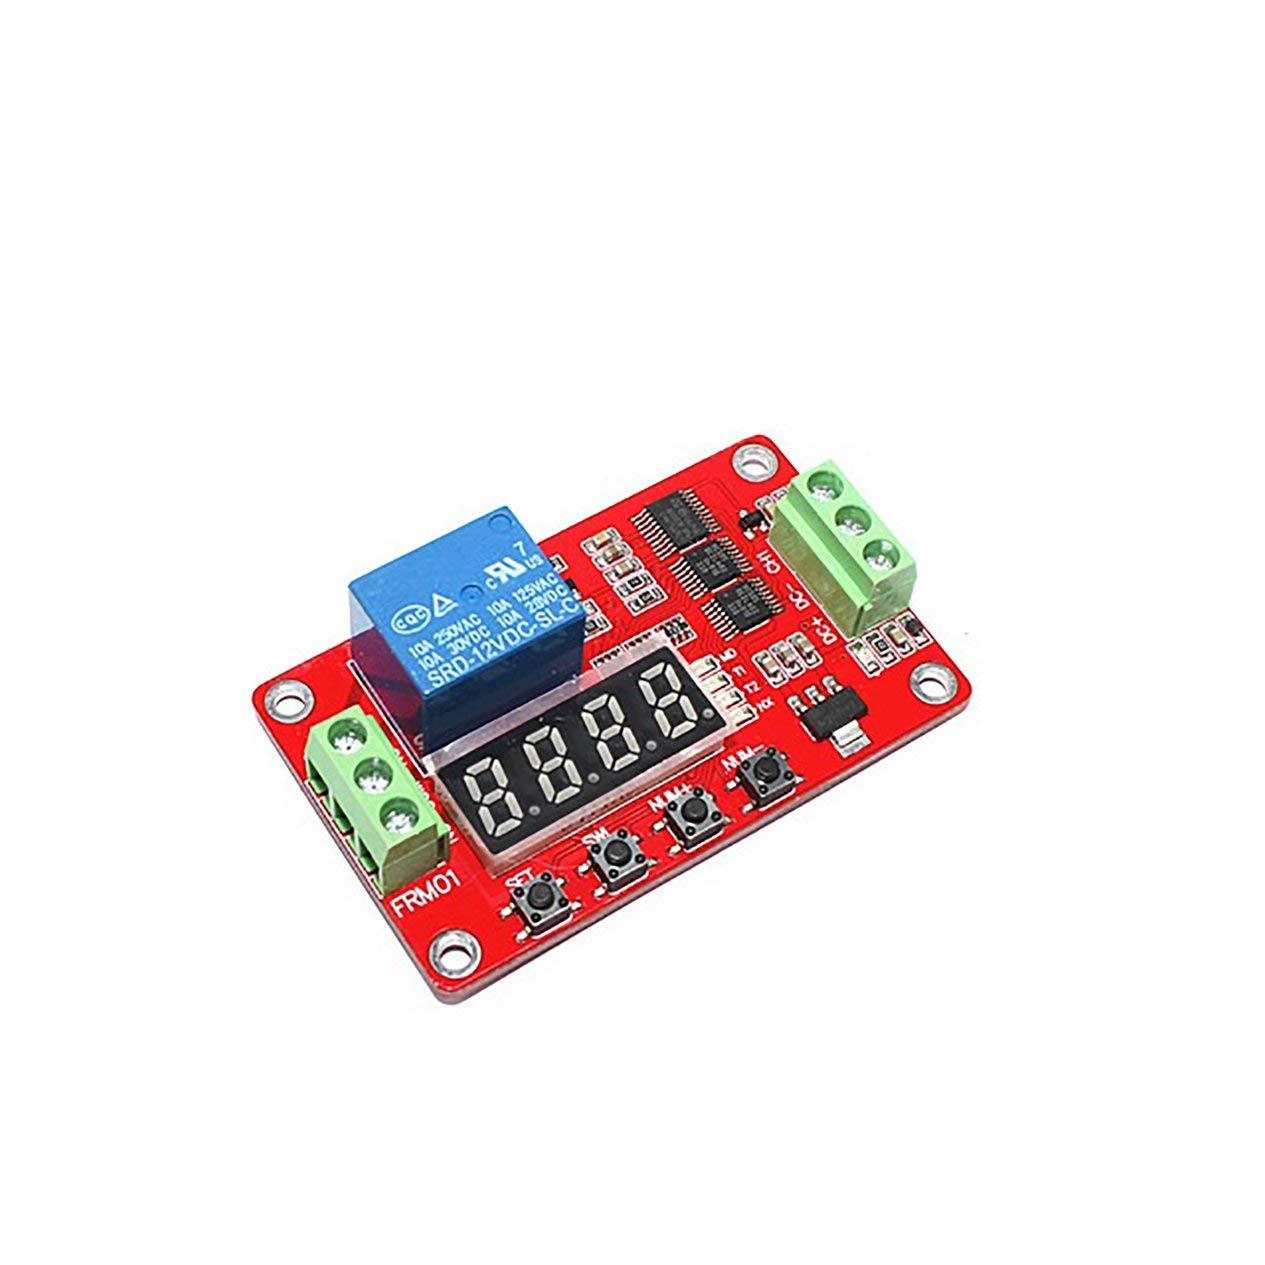 EdBerk74 FRM01 Module relais multifonction CC 12 V 1 canal module de temporisation /à verrouillage automatique commutateur de temporisation de boucle